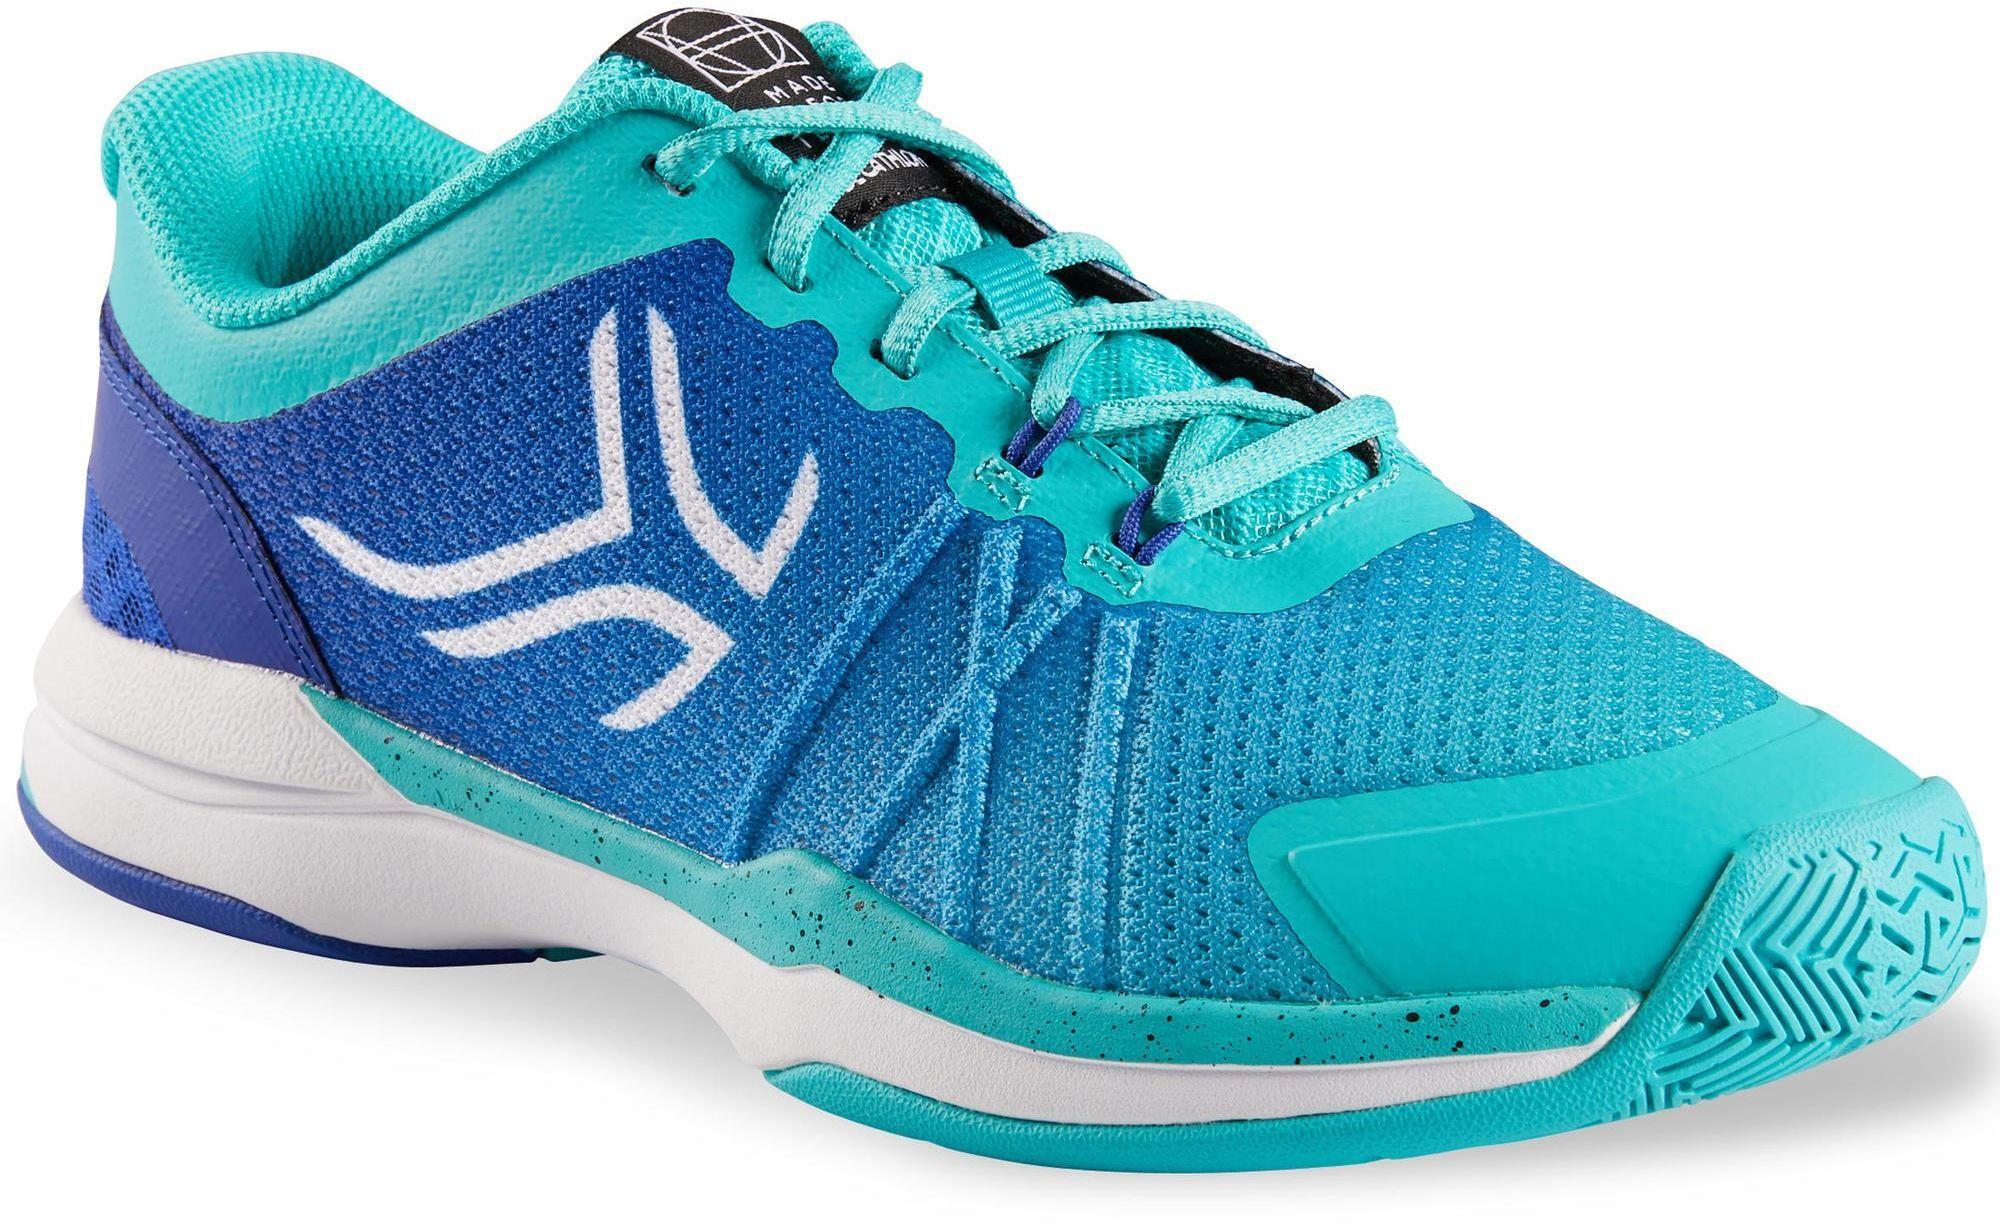 Buty tenisowe TS590 damskie